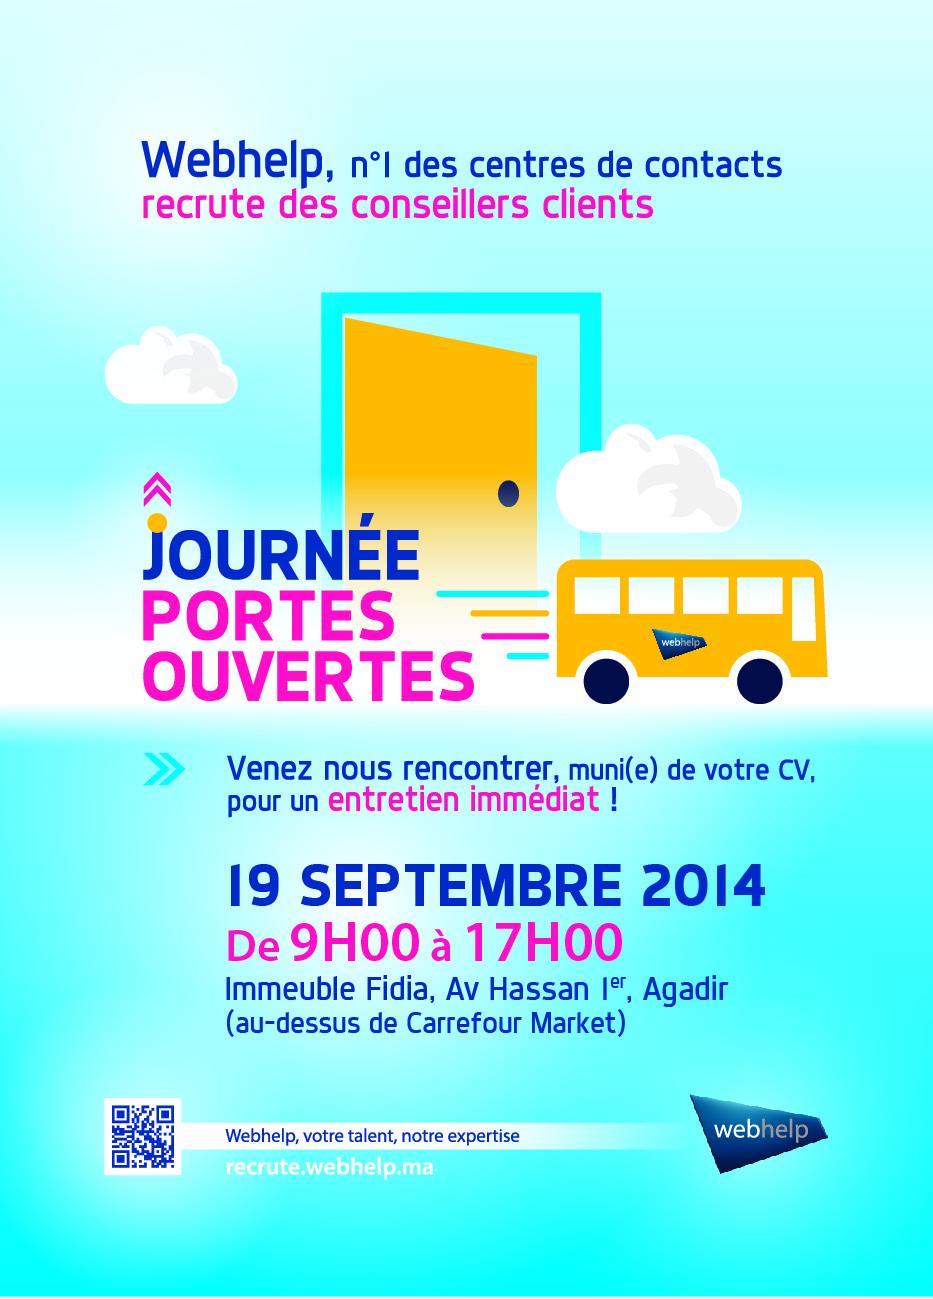 Flyer JPO Agadir 19 septembre 2014 -02